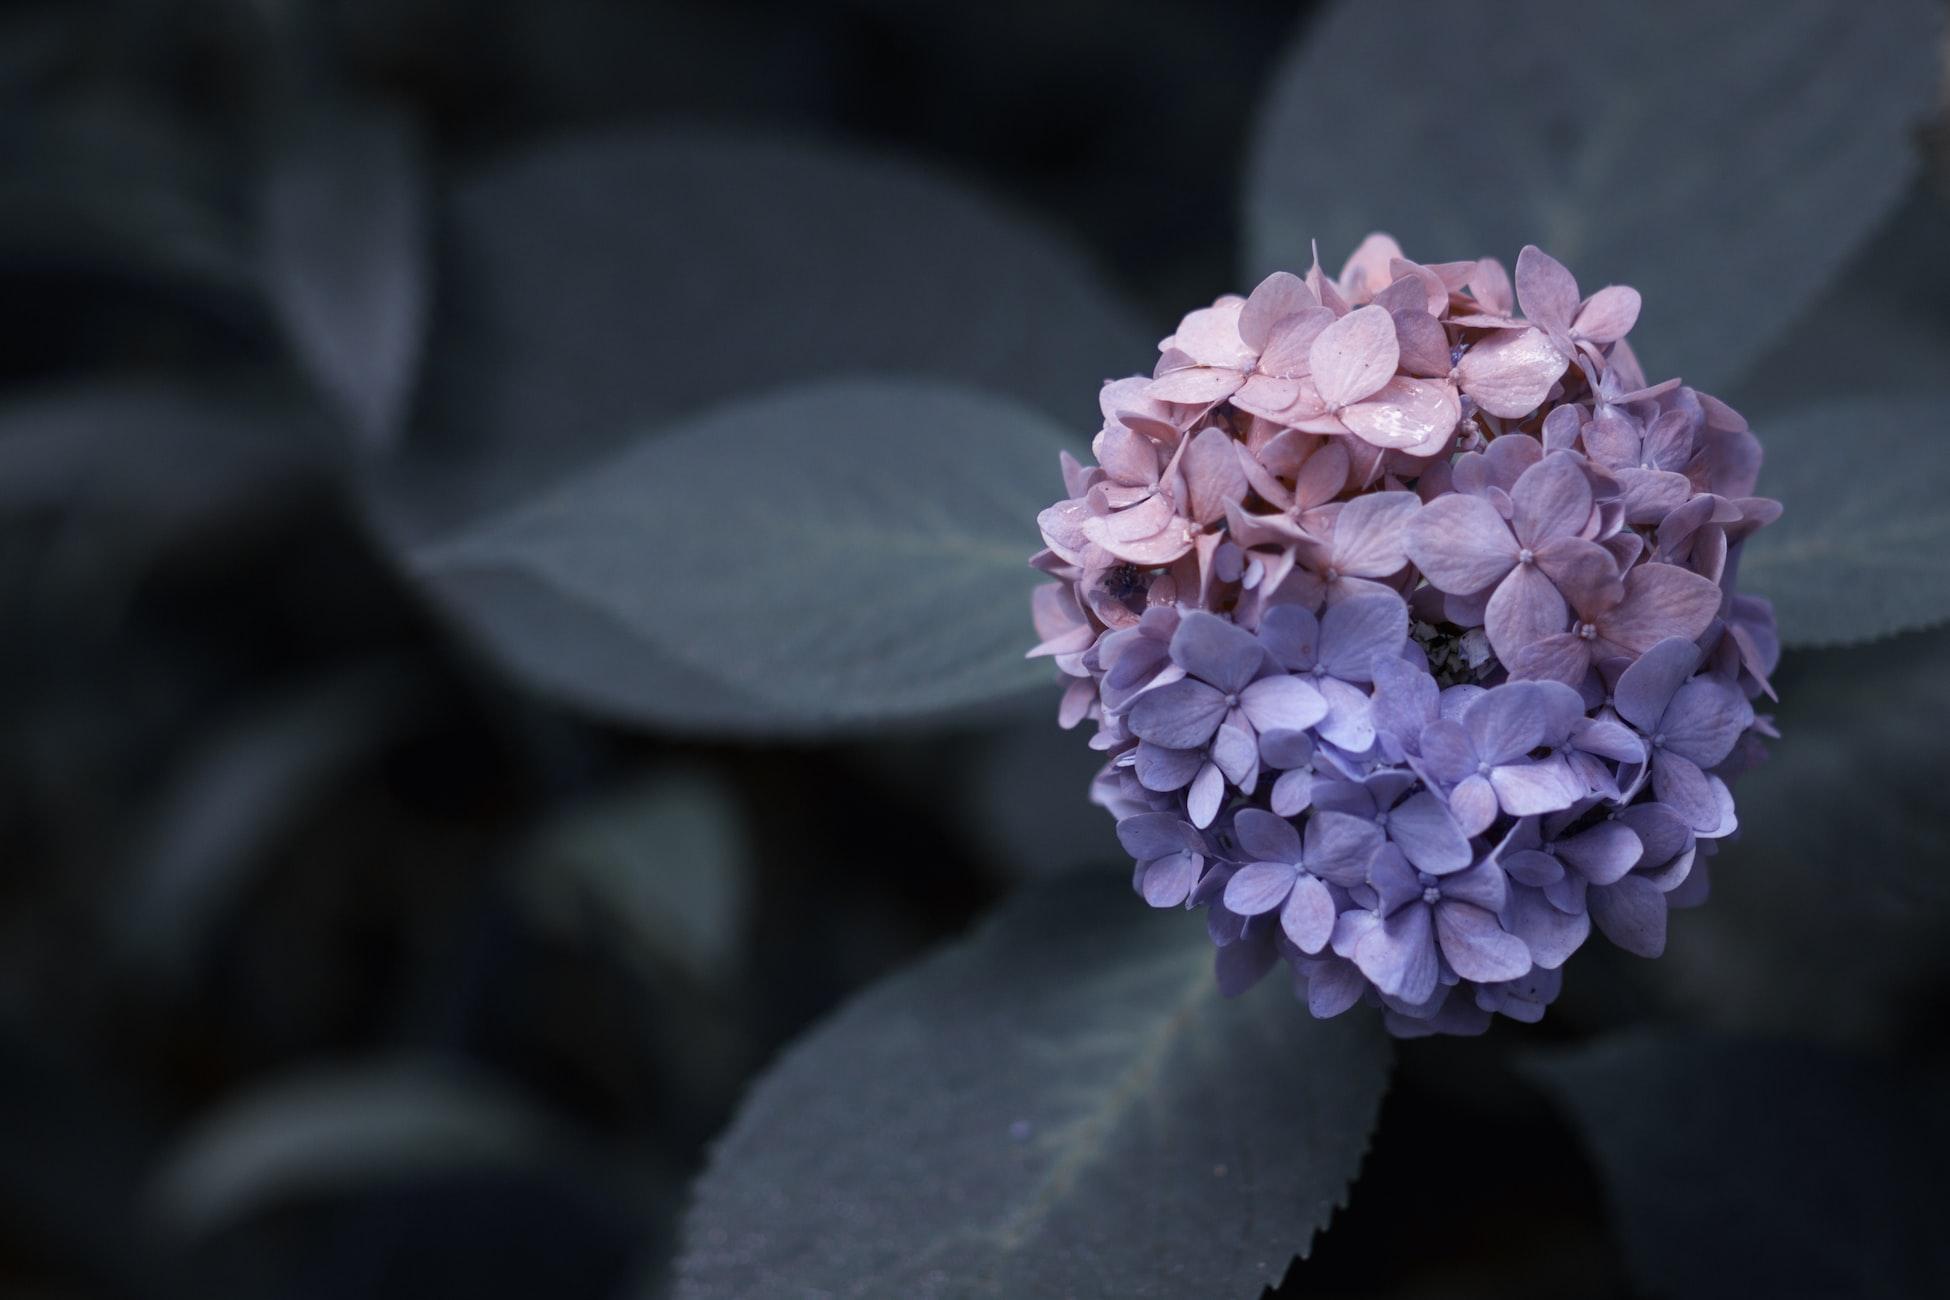 untitled - flowers by Wyatt Ryan